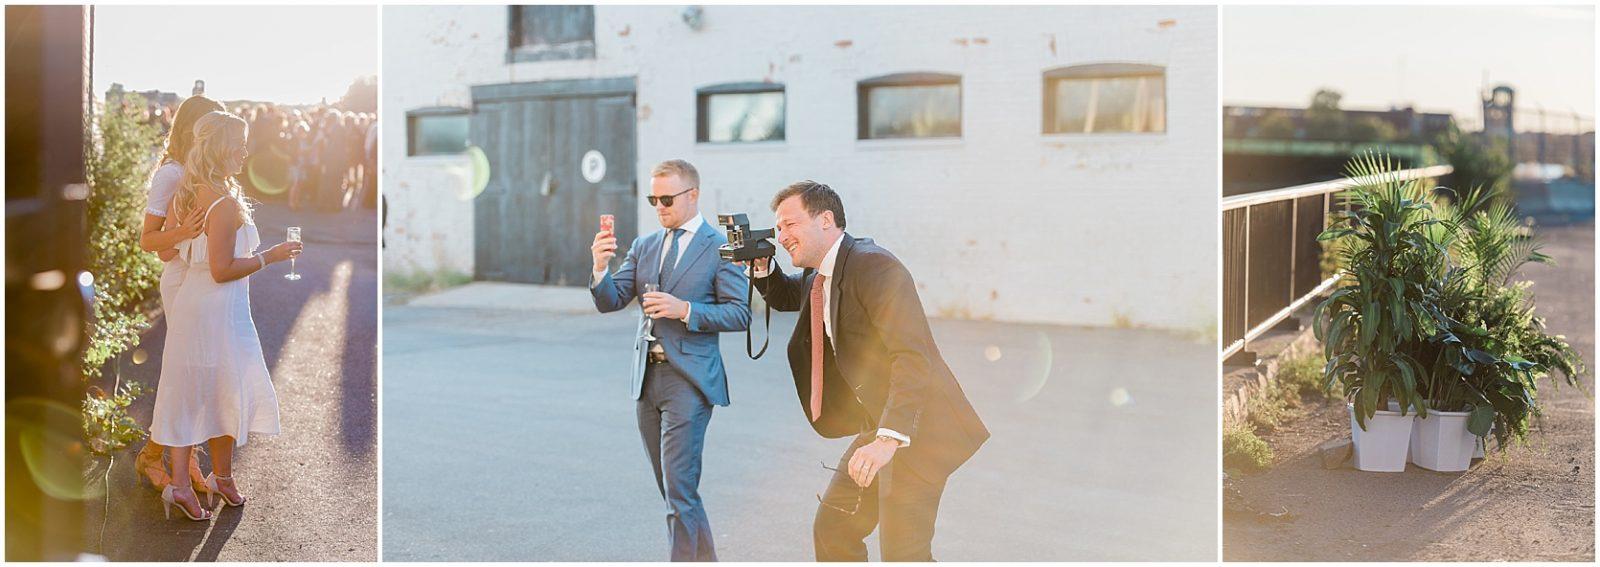 0185 SS-Late Summer Wedding at Zibi - Ottawa_PhotosbyEmmaH_WEB.jpg